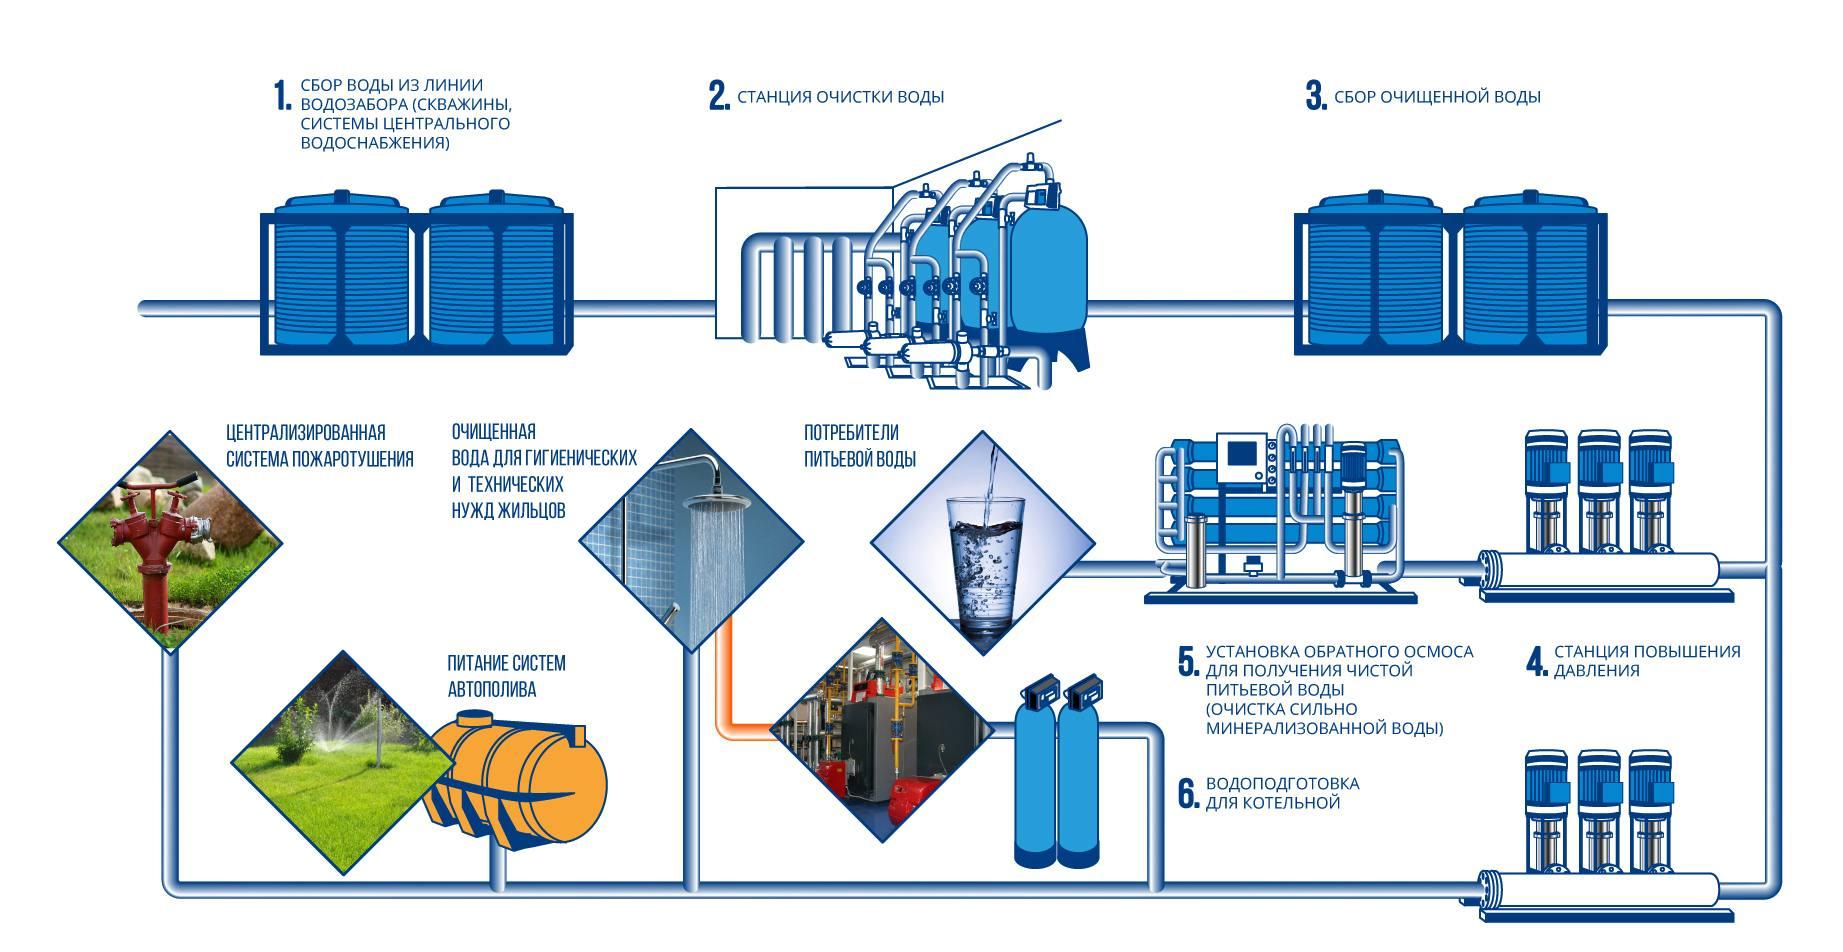 Схема очистки воды многоквартирного дома